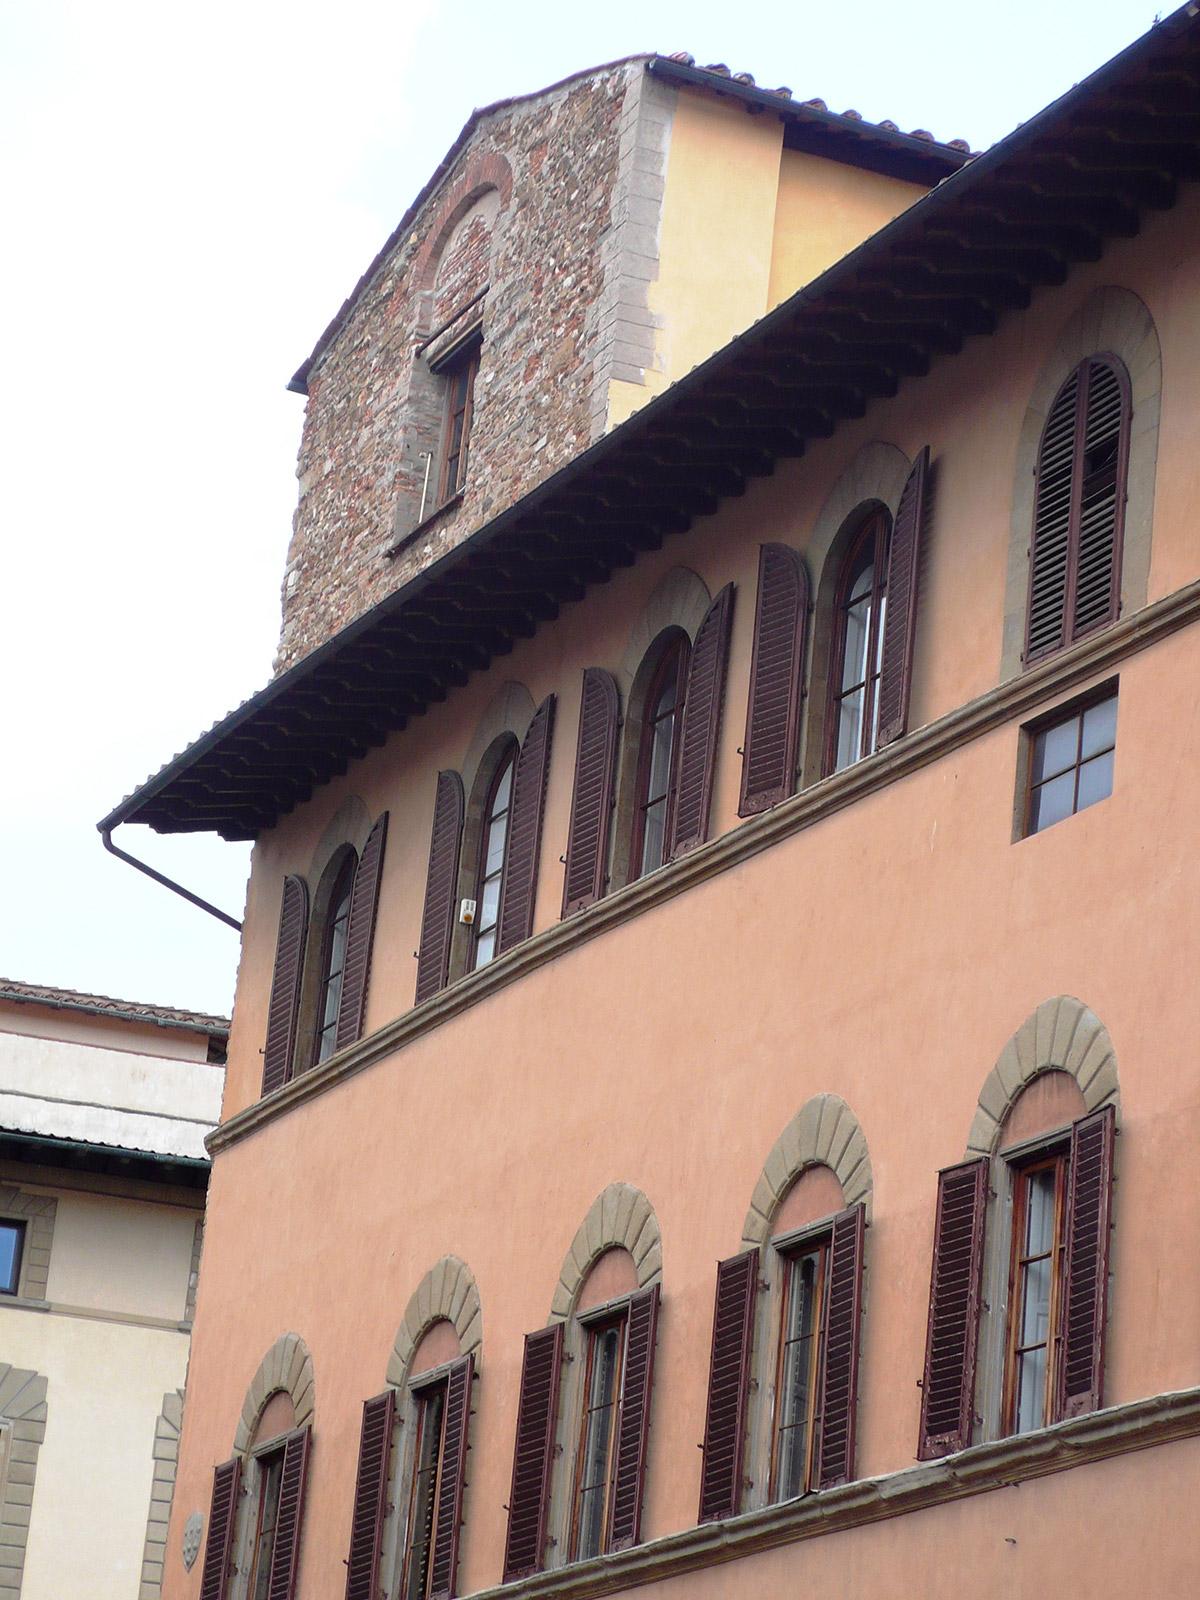 Via de' Vecchietti